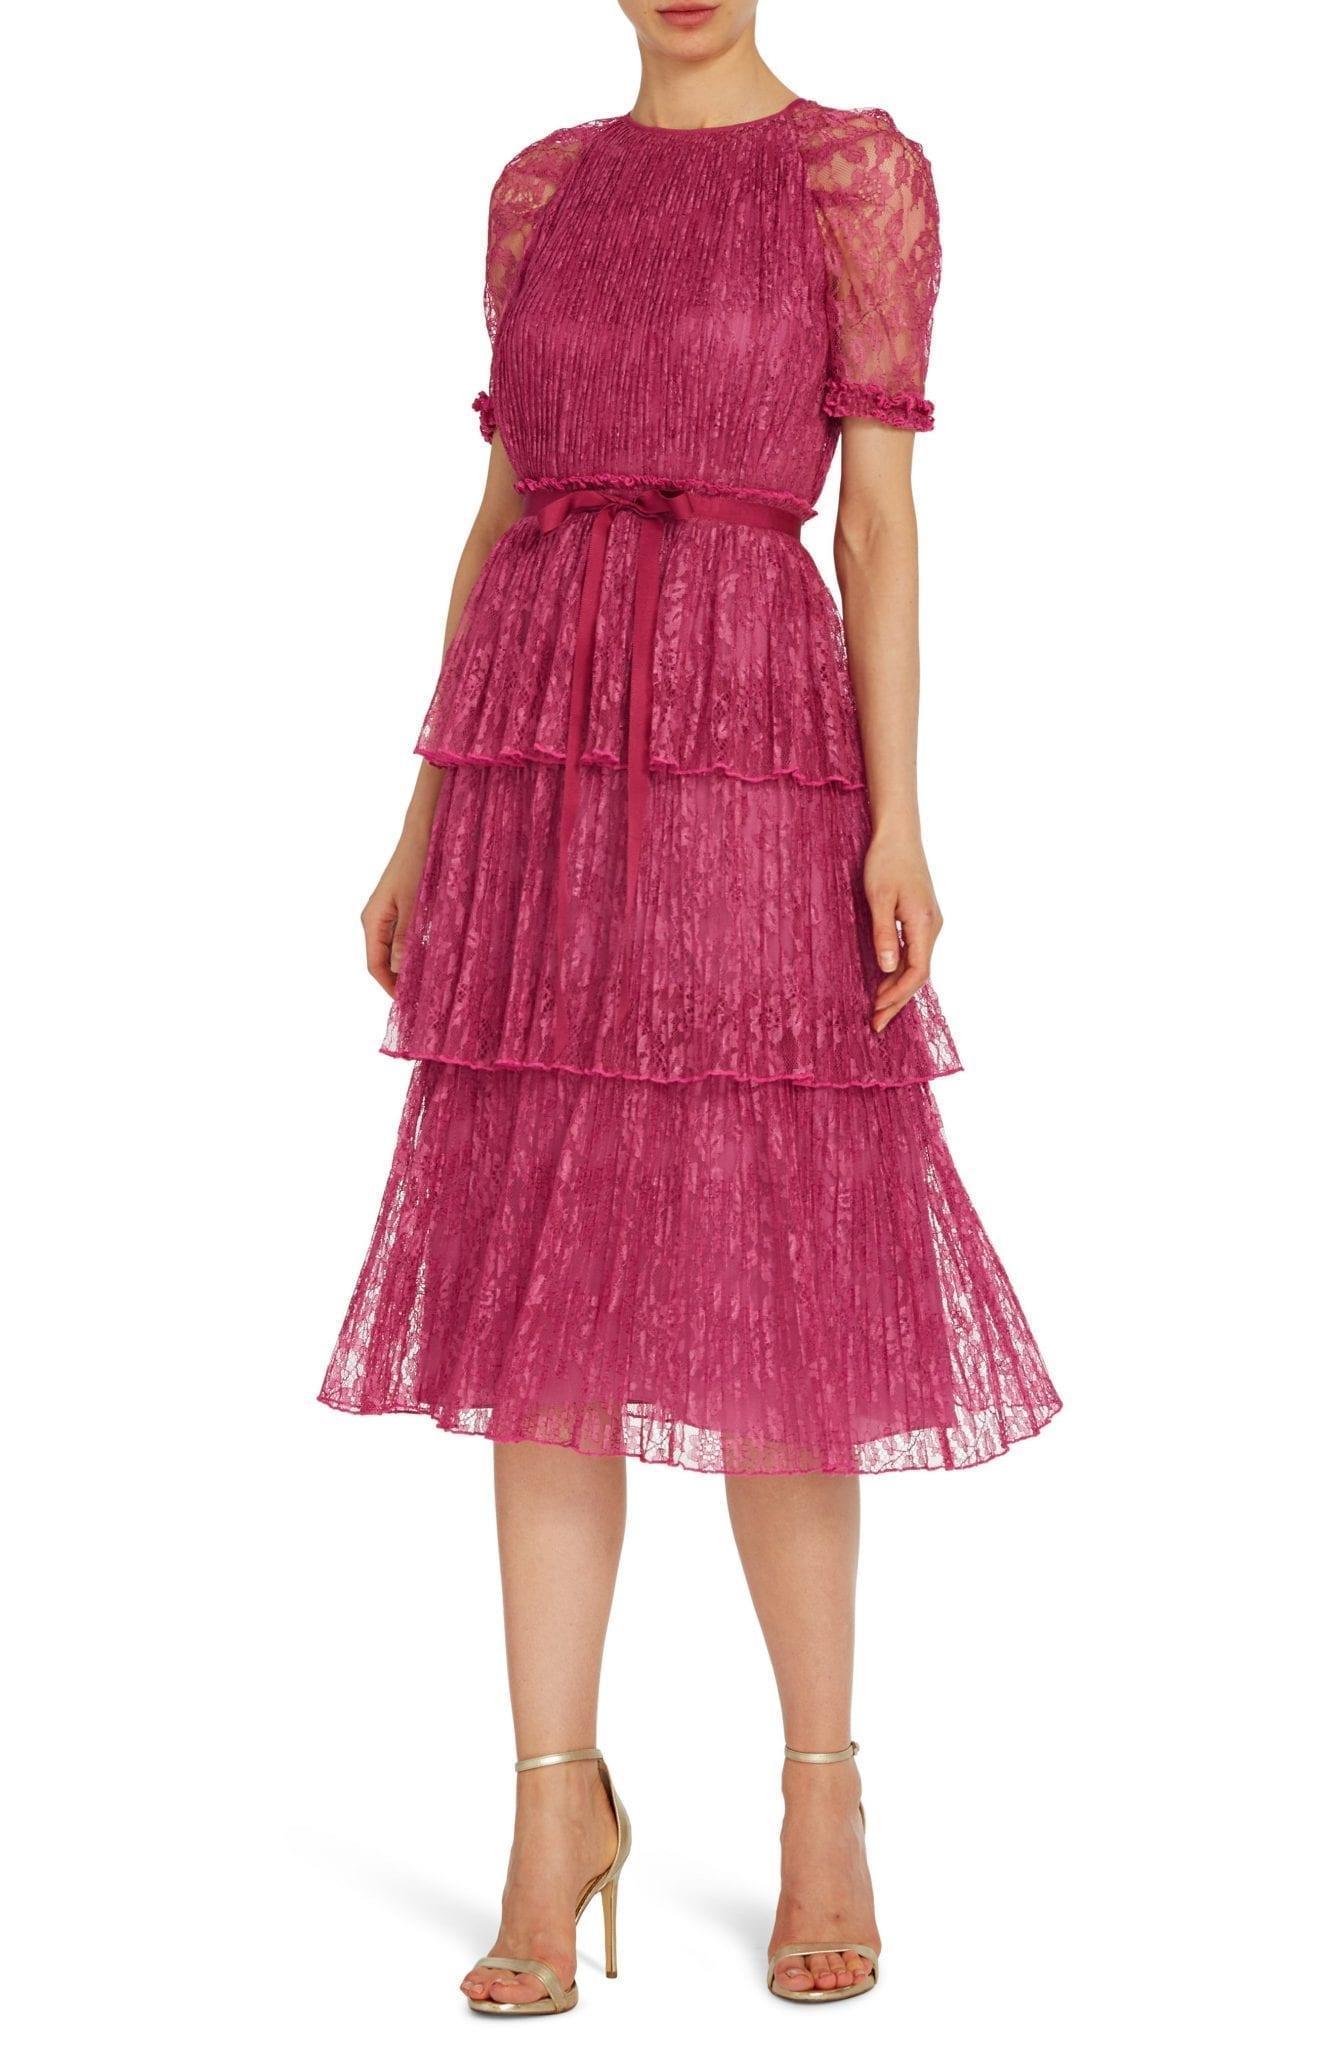 ML MONIQUE LHUILLIER Tier Lace Cocktail Midi Dress